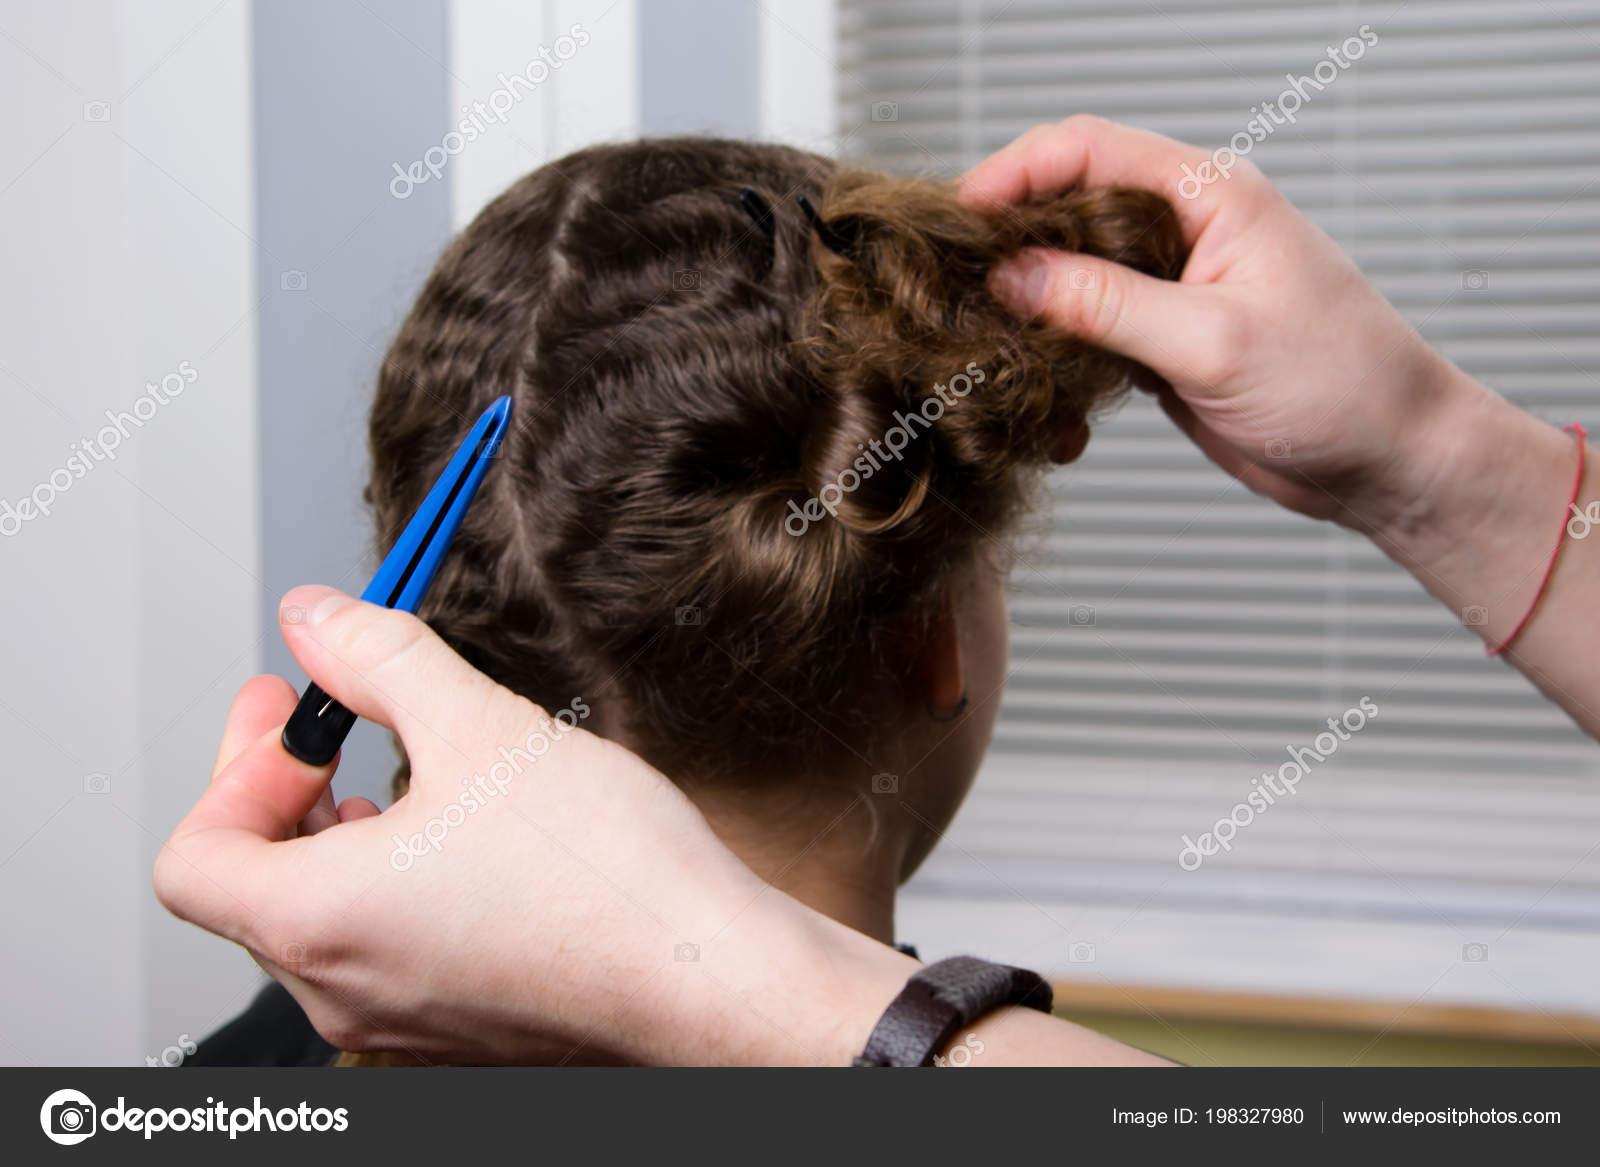 Der Friseur Halt Eine Haarspange Der Hand Und Macht Eine Stockfoto